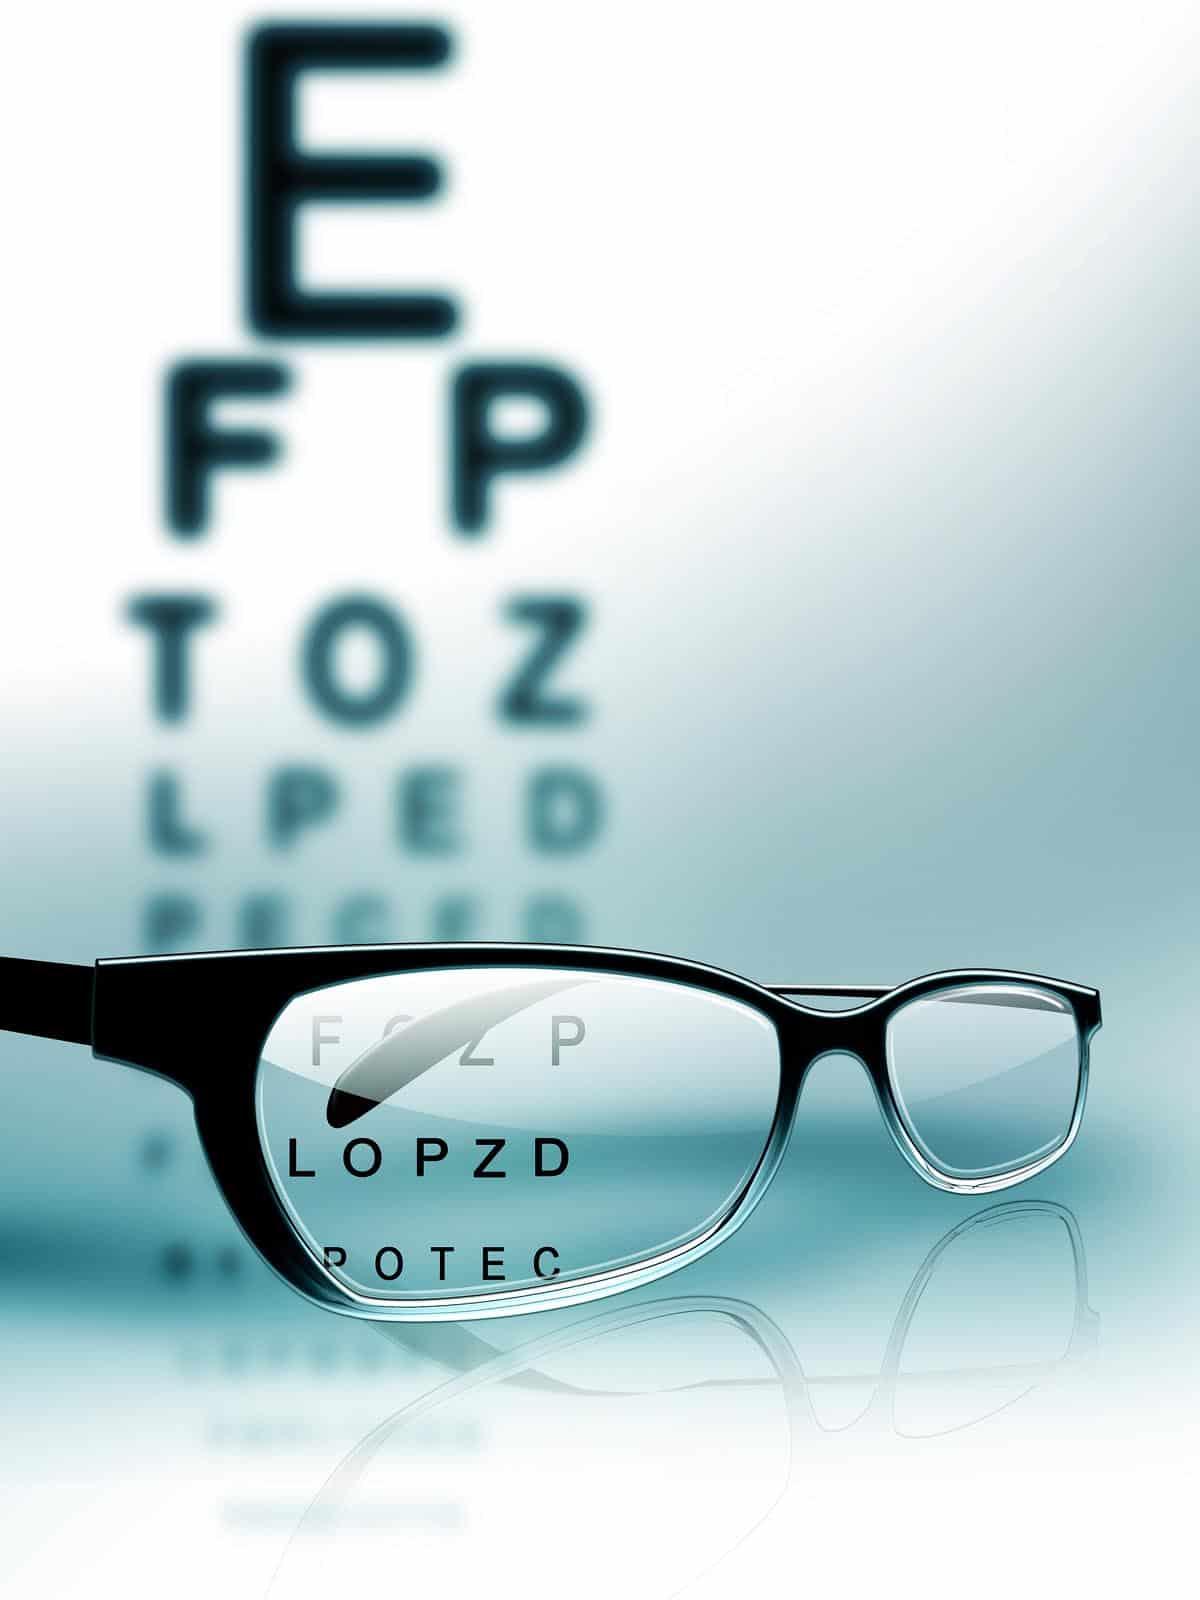 neurofibromatosis és látás látás 0 8 hyperopia